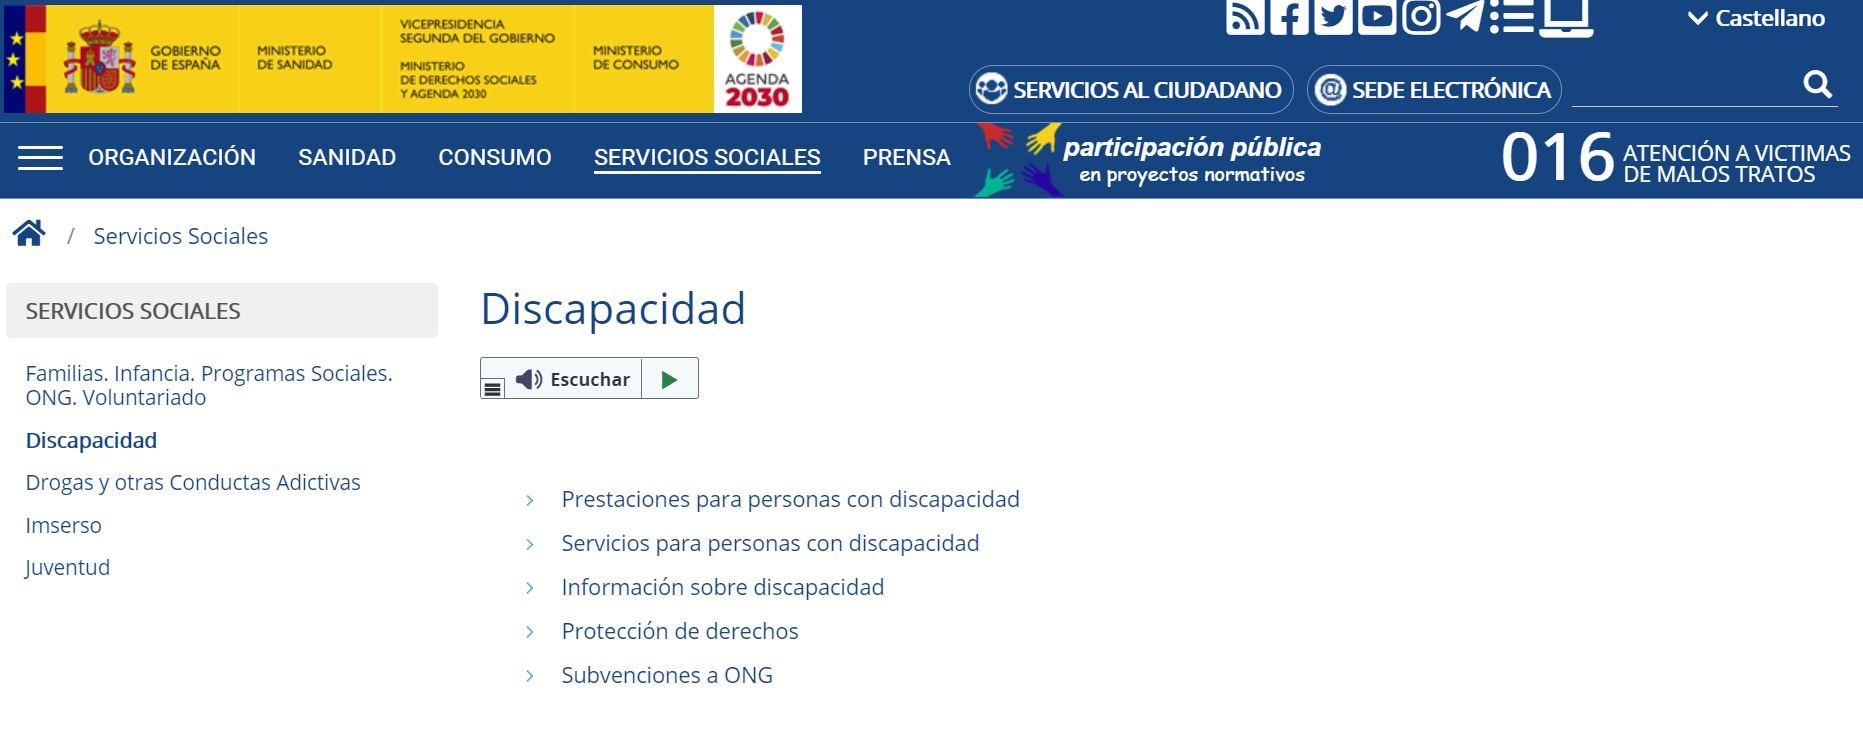 Els llocs web del sector públic han de ser accessibles a la UE